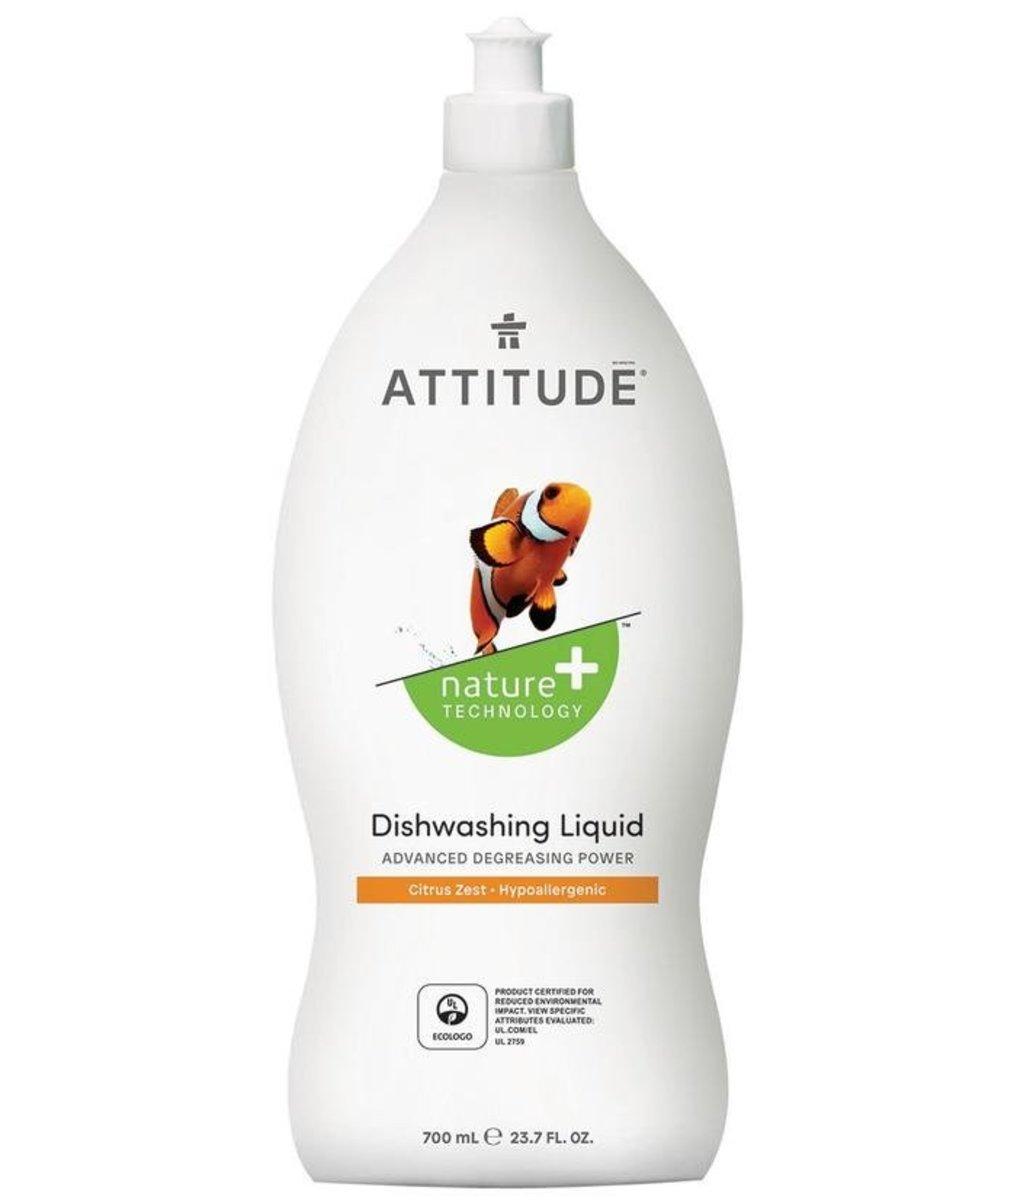 天然環保碗碟清潔液 柑橘香 700mL  (Nature + TechnologyTM)